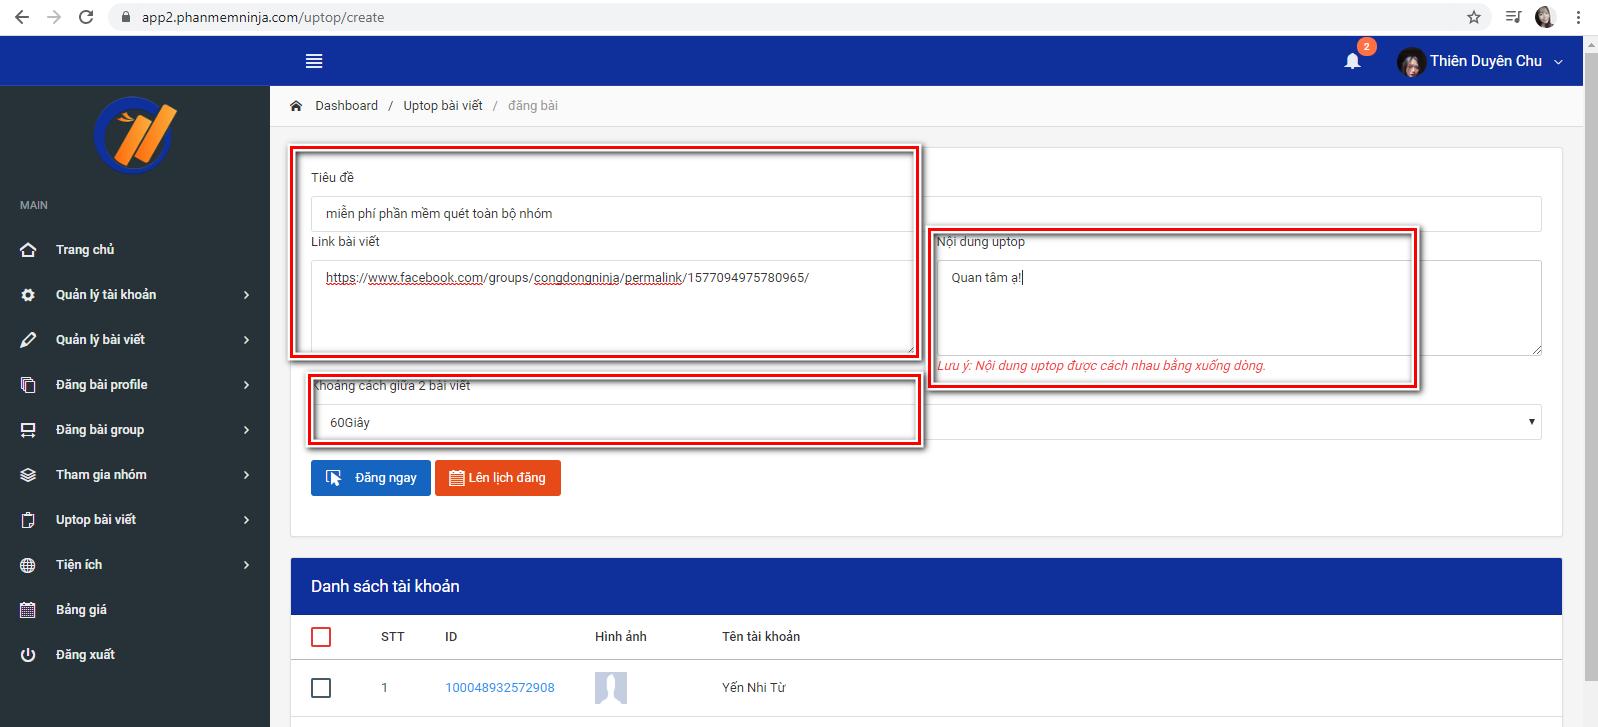 phan mem auto facebook 1 Phần mềm facebook auto hướng dẫn uptop bài viết nhanh chóng